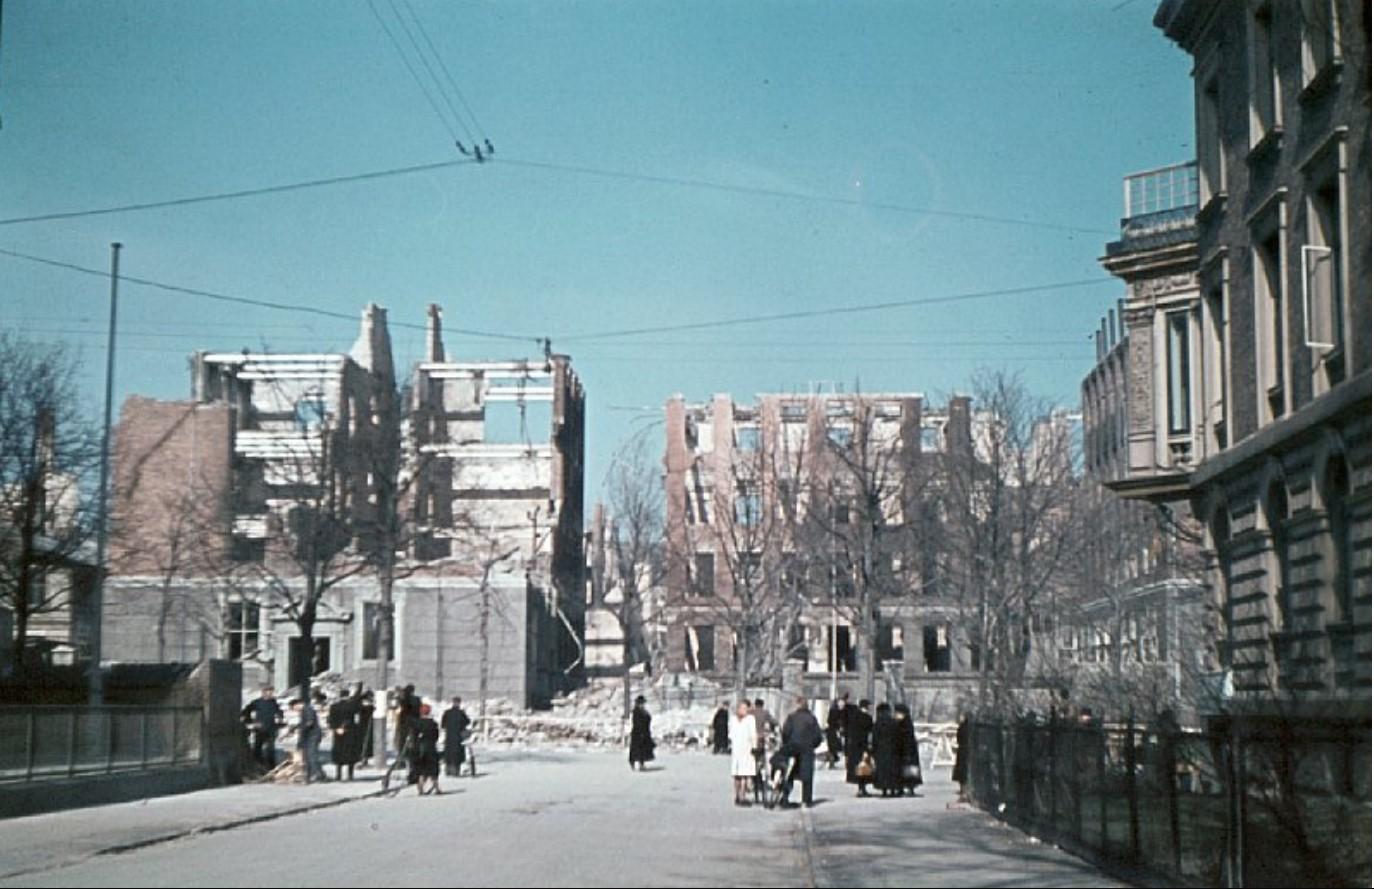 1945. Ошибочно разбомбленная французская школа и близлежащие кварталы. Руины школы просматриваются у Фредериксберга